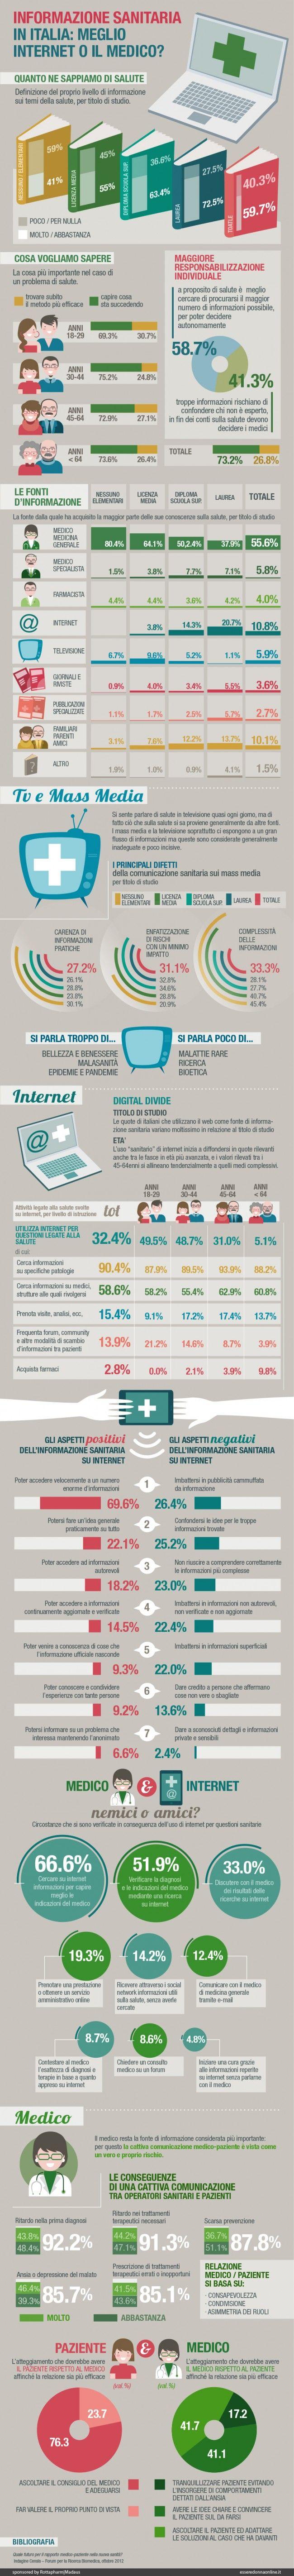 Informazione sanitaria in Italia - Esseredonnaonline